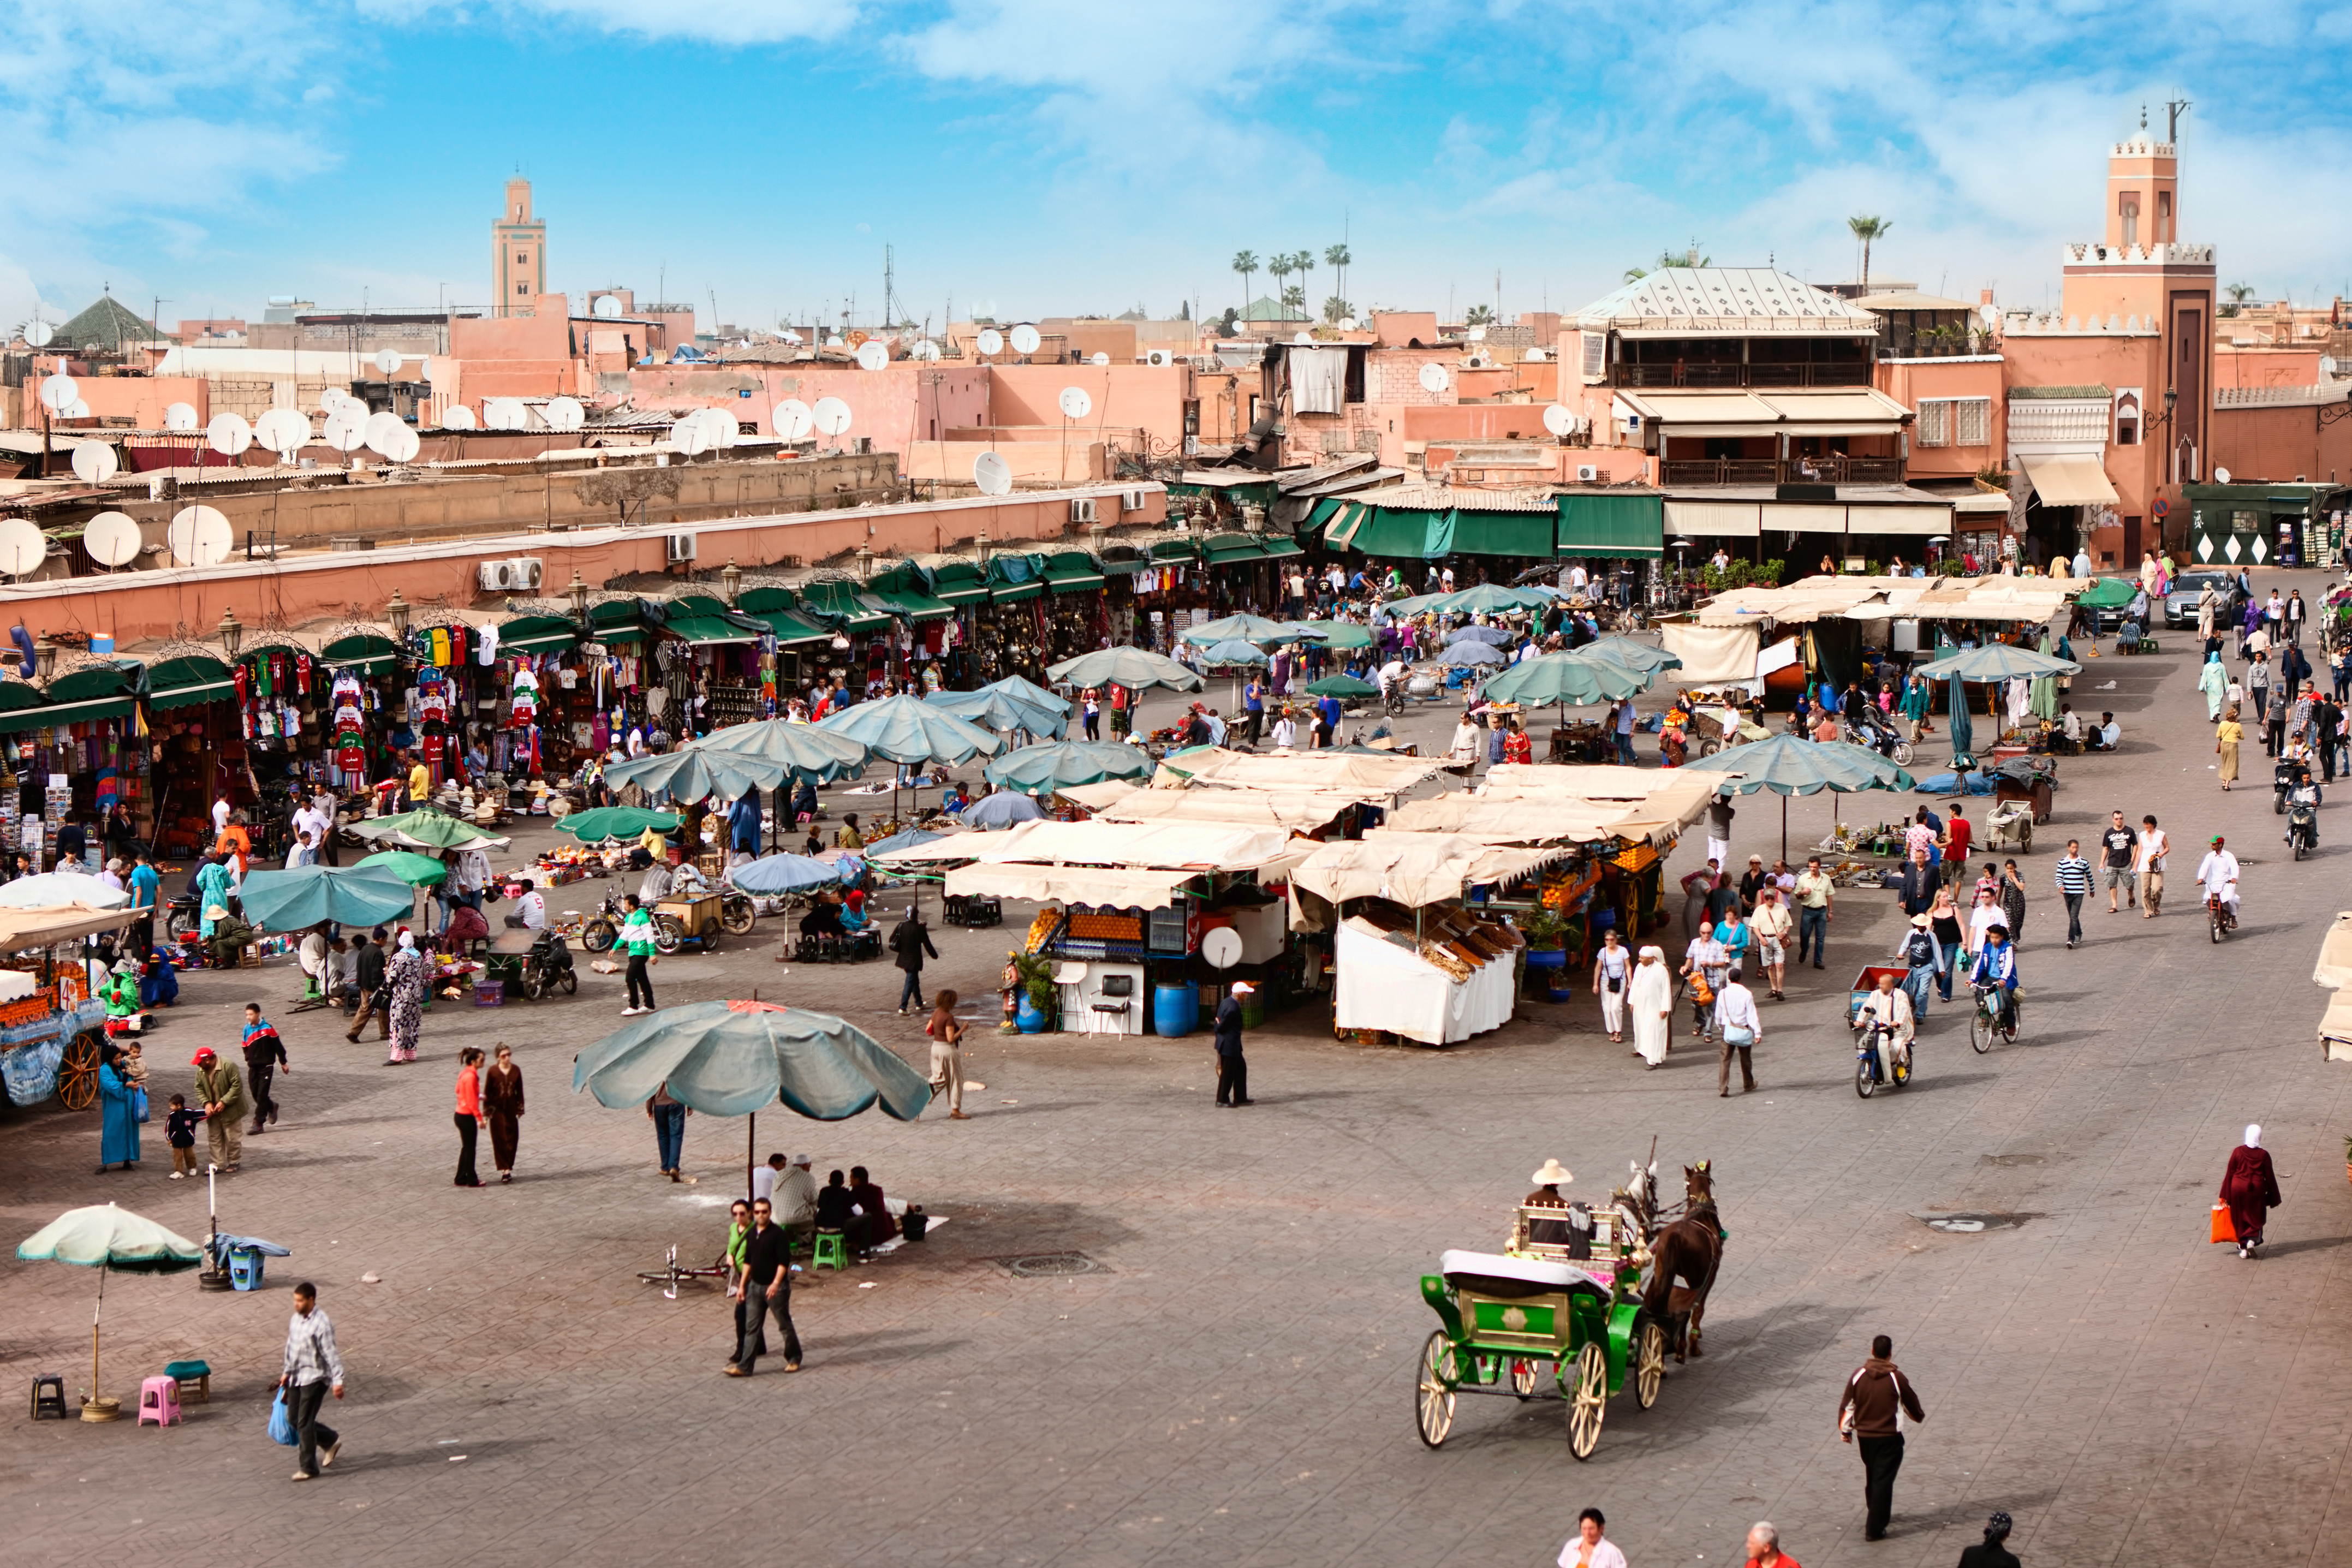 visiter Marrakech pendant les ponts de mai 2018